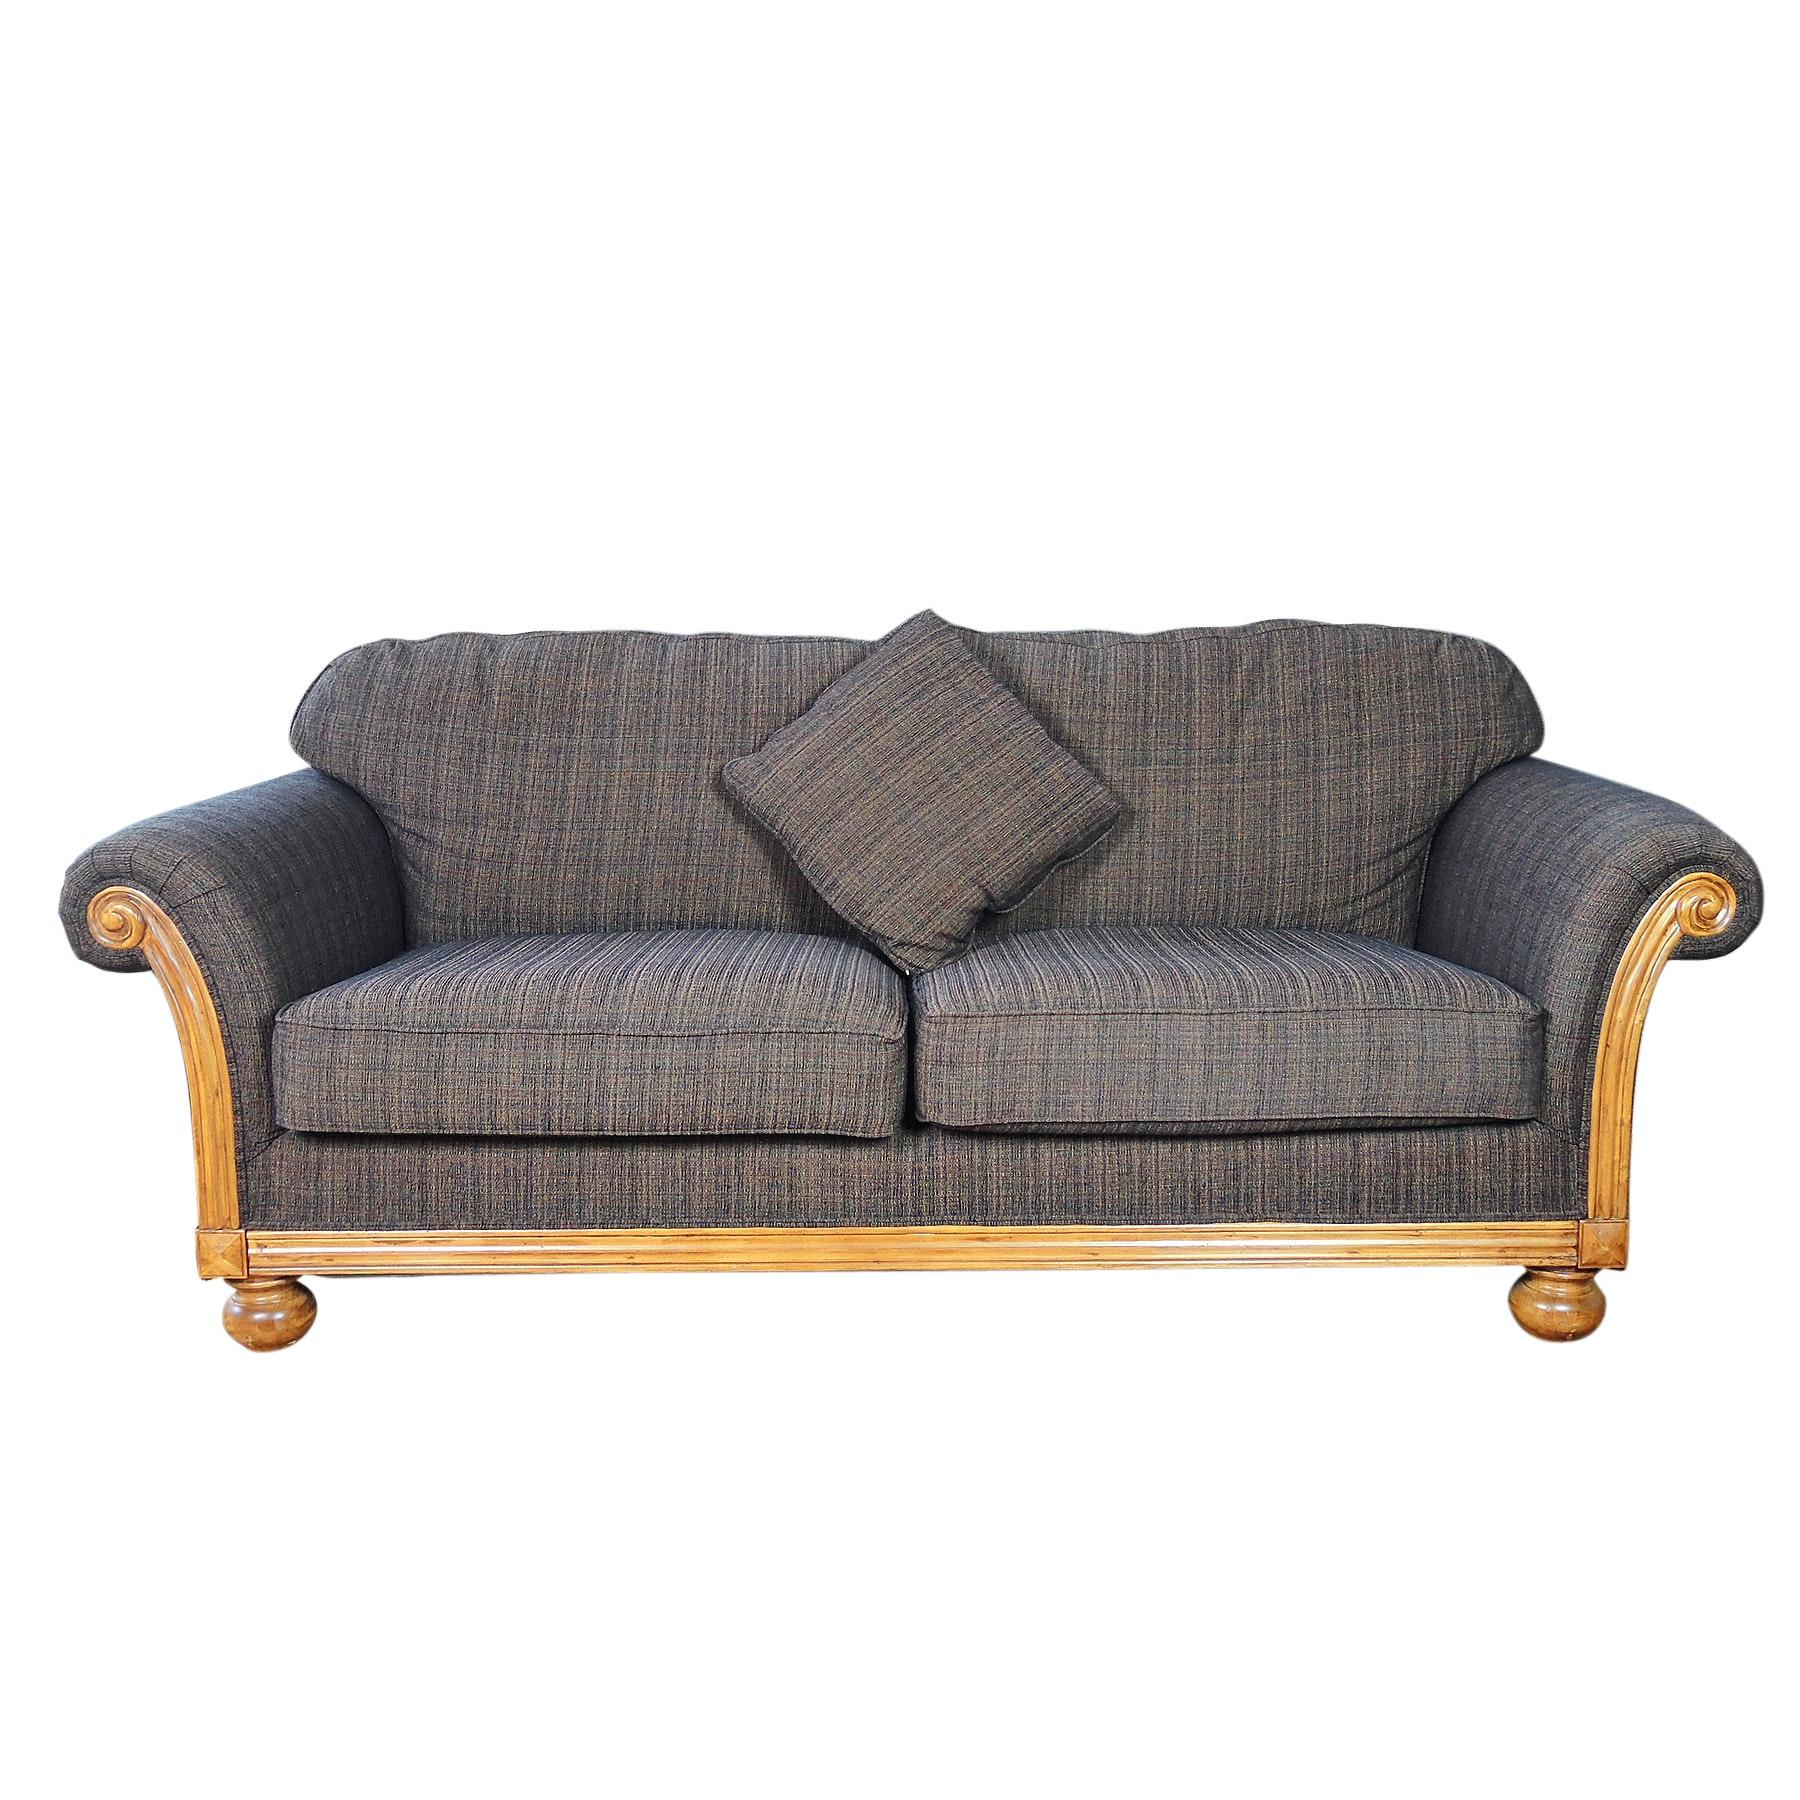 Fairfield Upholstered Sofa